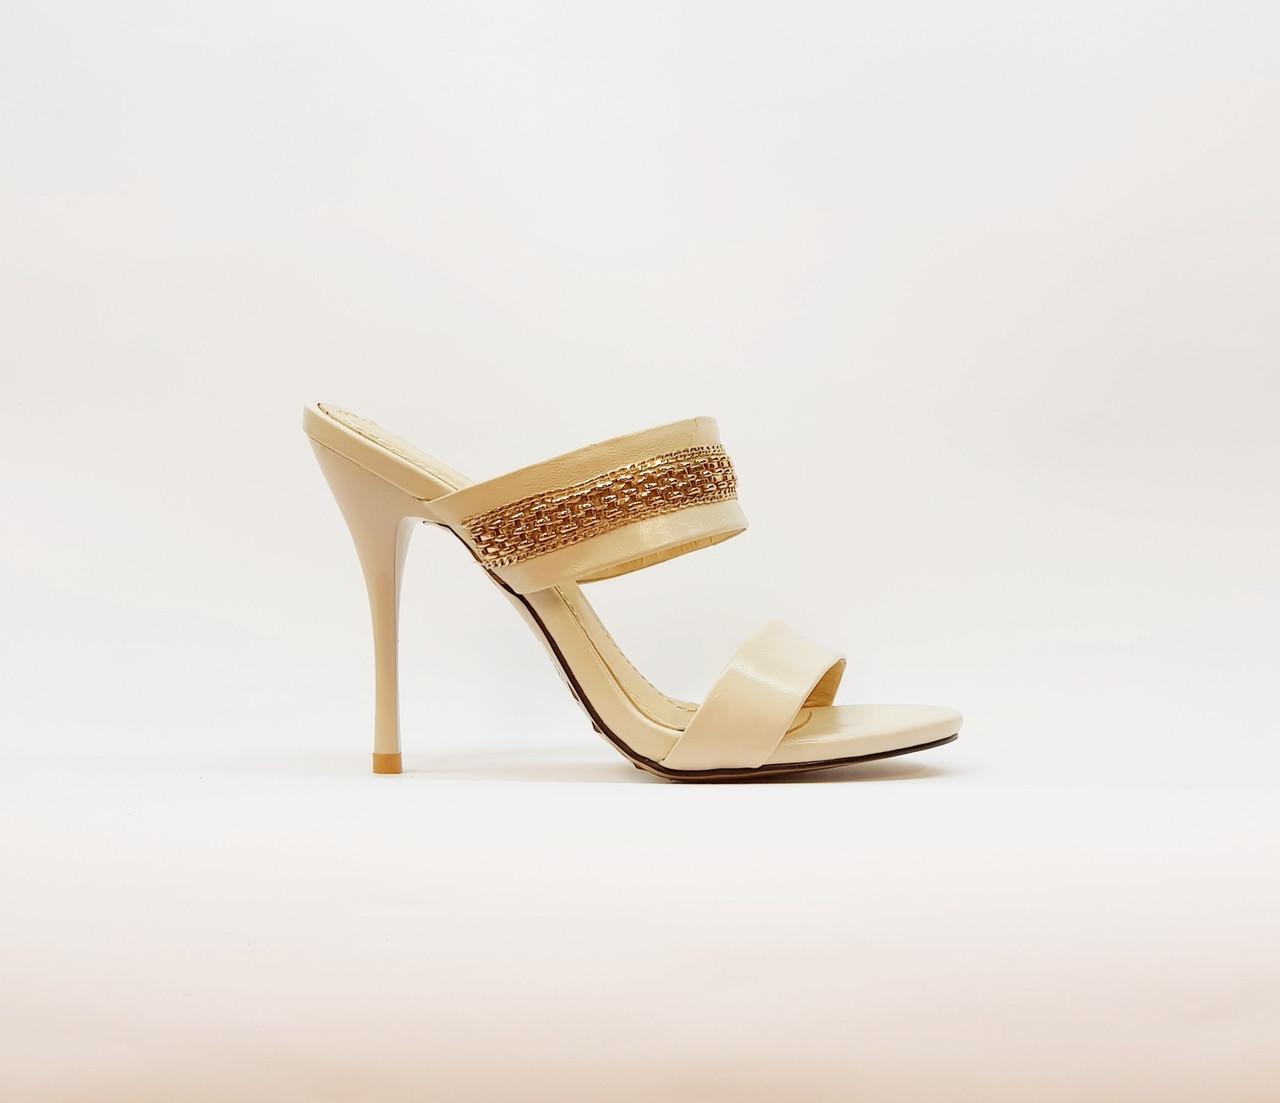 Сабо женские летние бежевые на высоком каблуке искусственная кожа